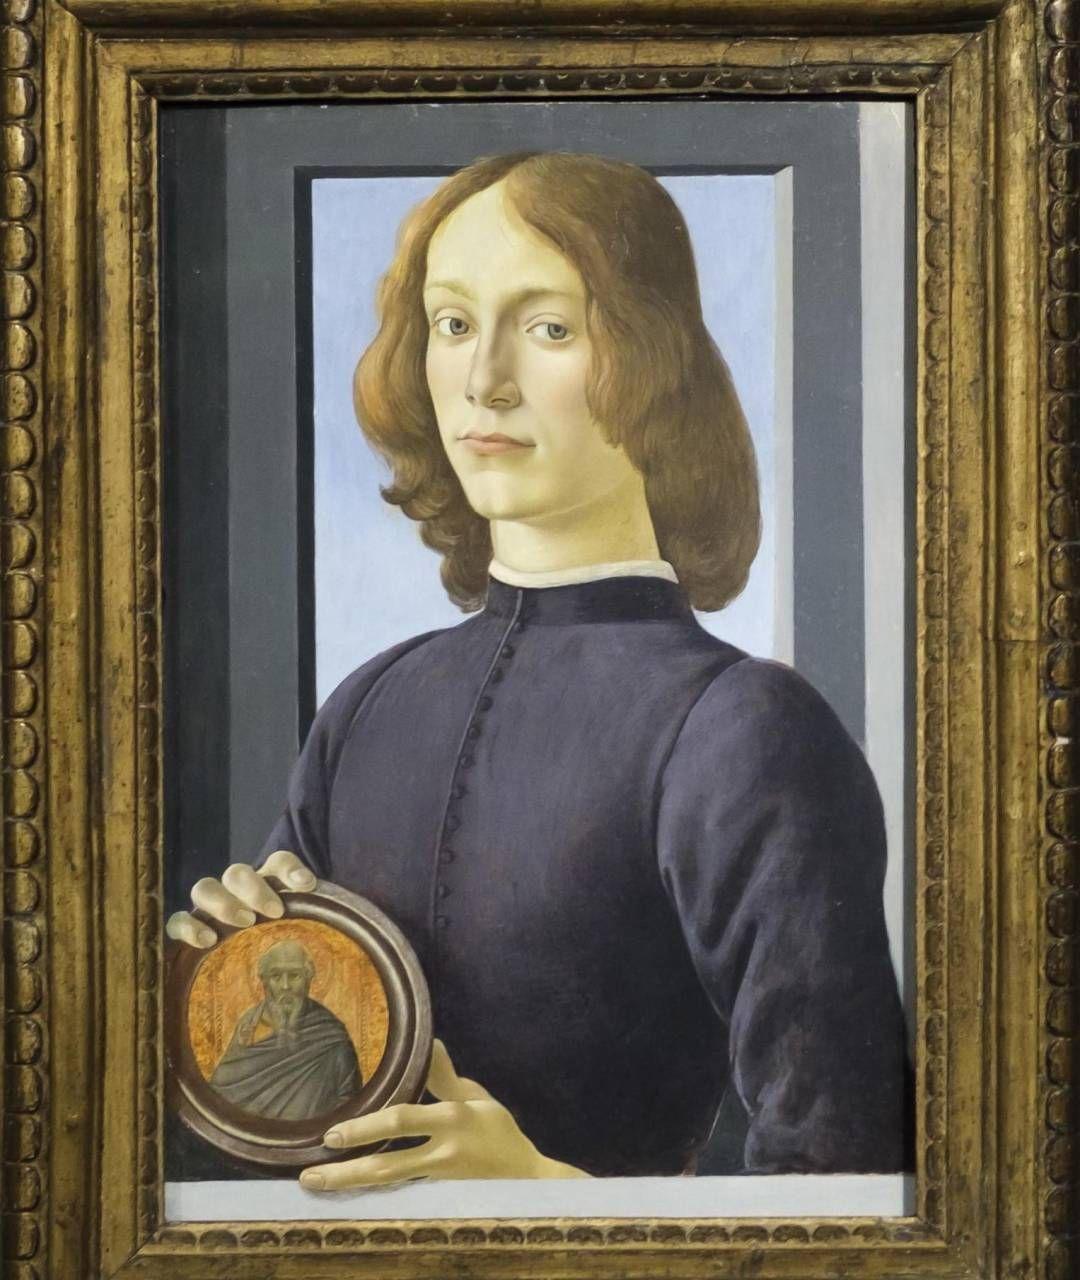 """Ritratto di giovane con tondello"""" di Sandro Botticelli, dipinto tra il 1482 e il 1485"""